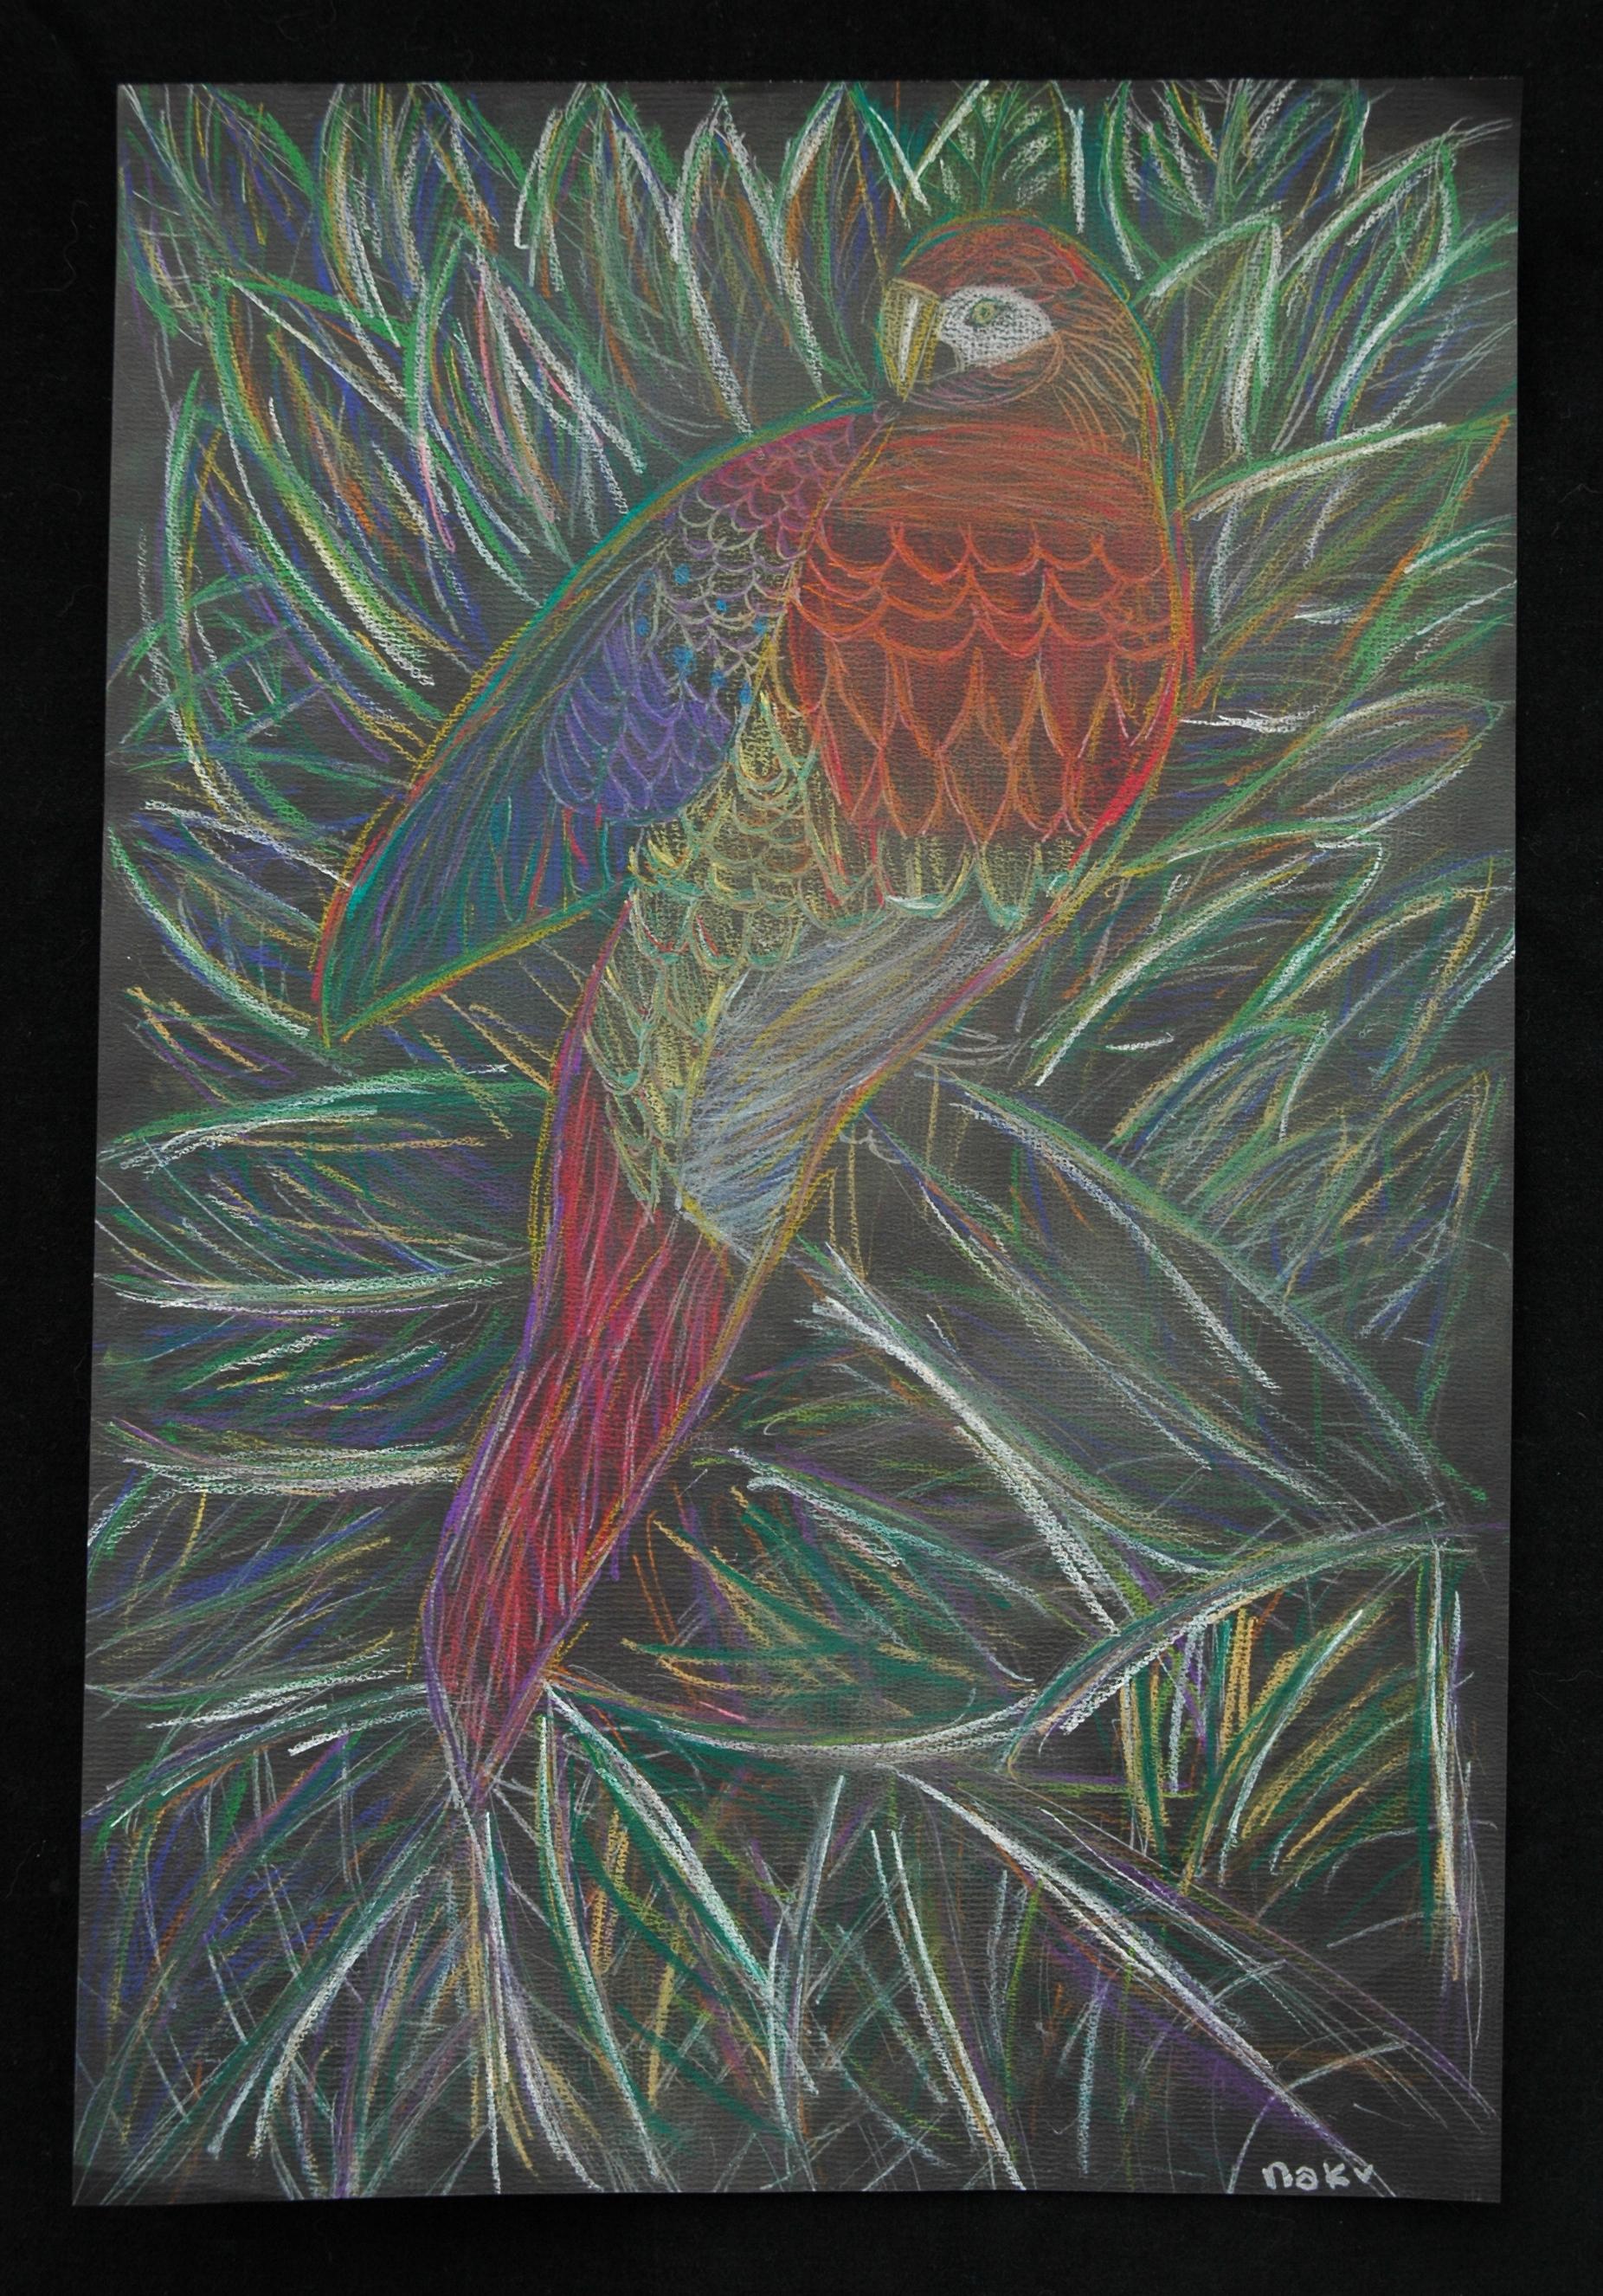 Nakijah, Parrot